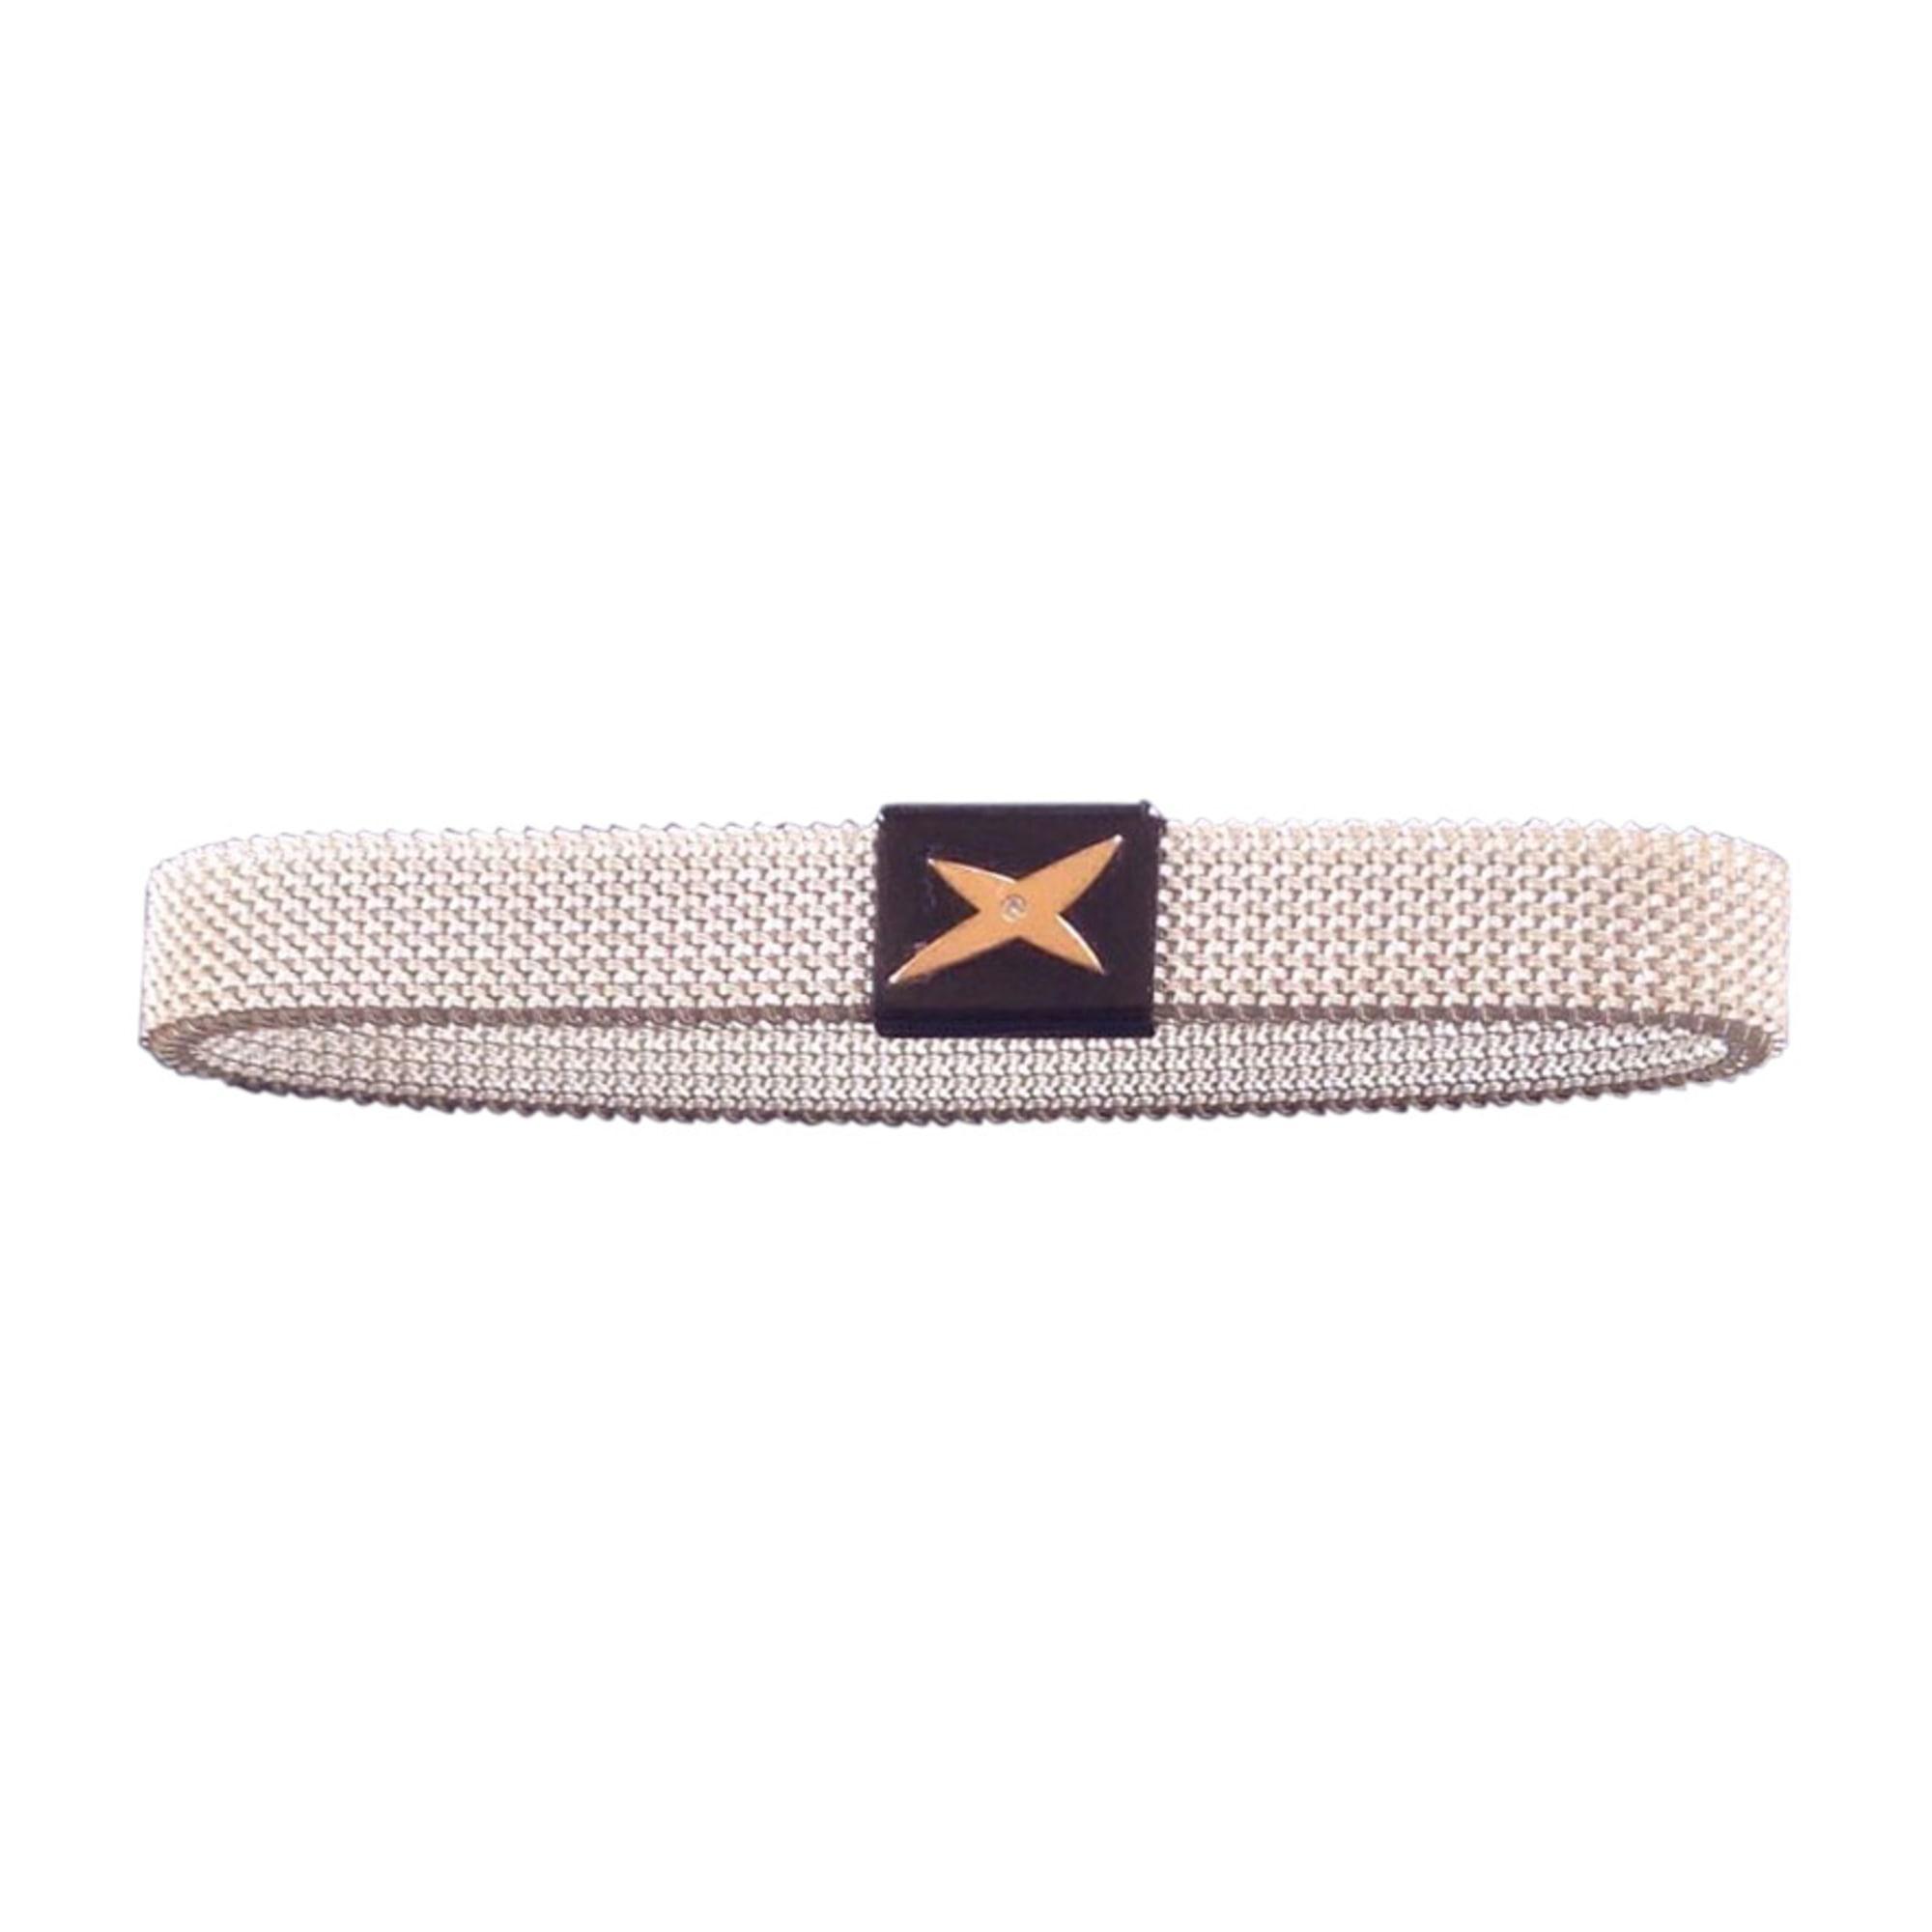 Bracelet MAUBOUSSIN Noir acier blc or